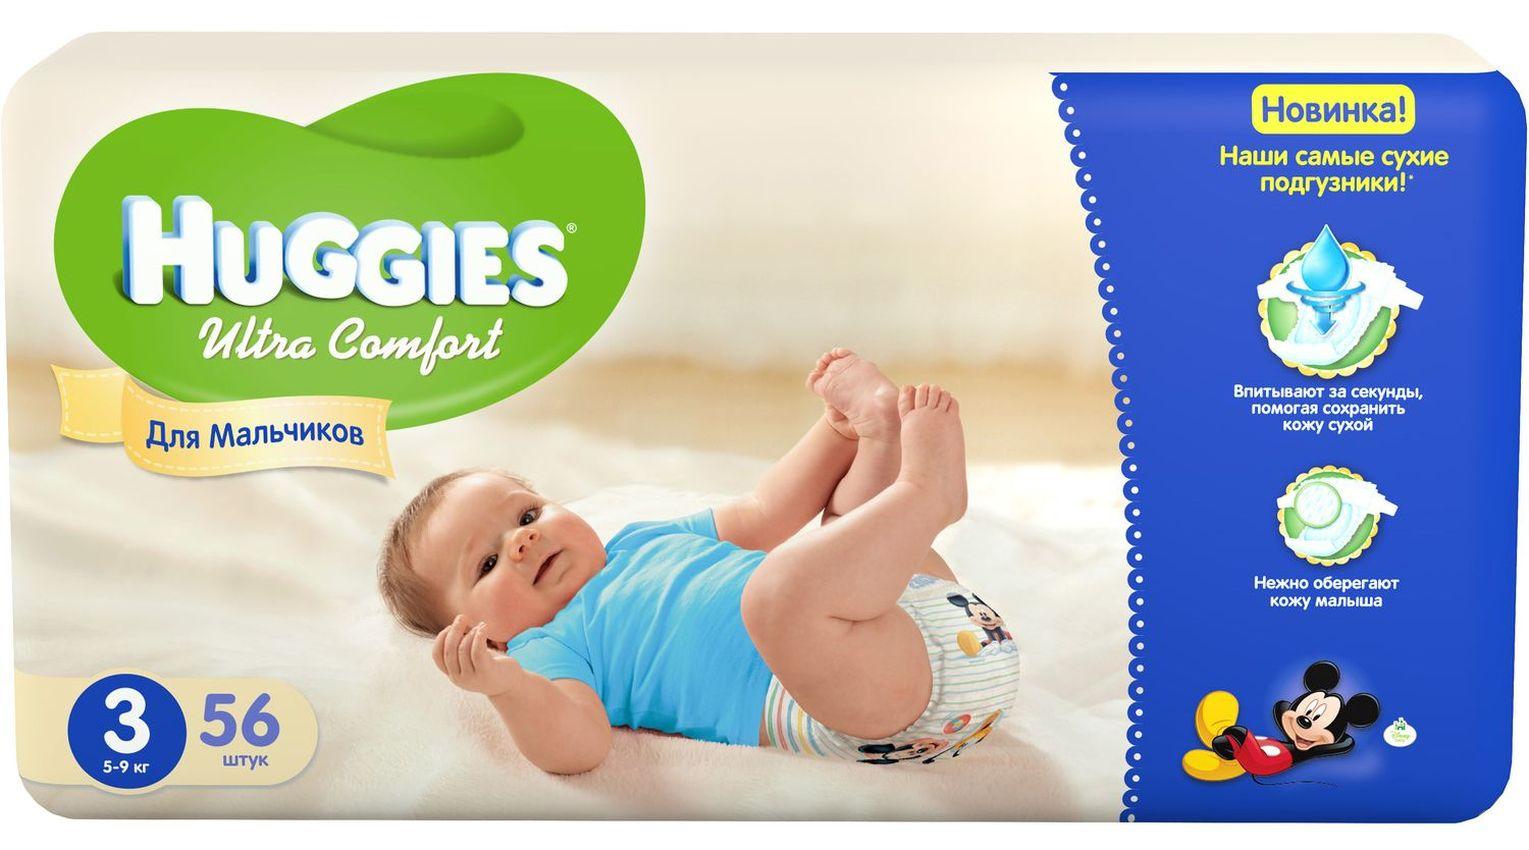 """Подгузники Хаггис """"Huggies Ultra Comfort №3 (5-9 кг)"""" 56 штук в упак., для мальчиков"""